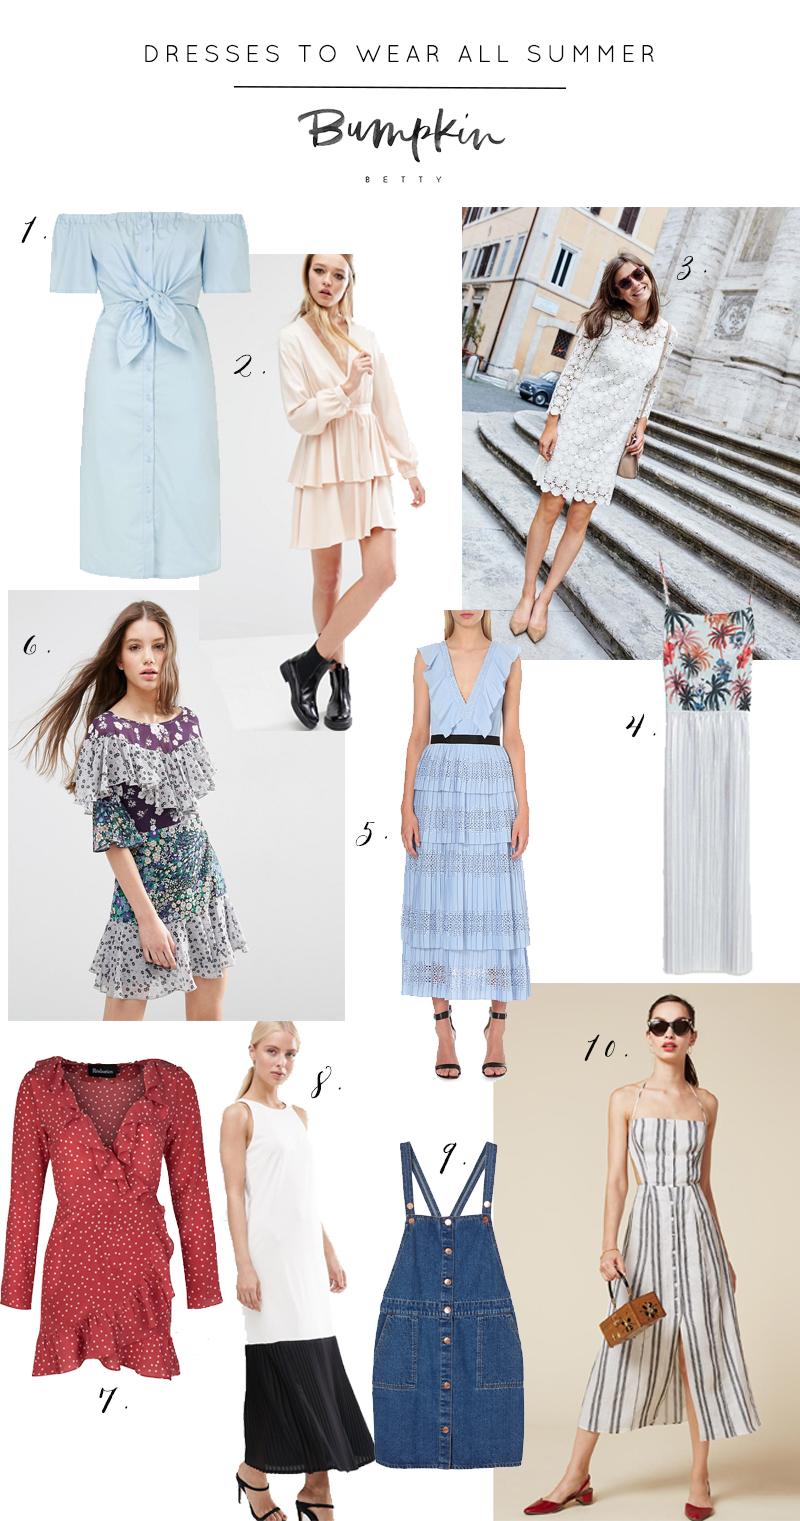 Dresses to wear all summer long, Bumpkin Betty